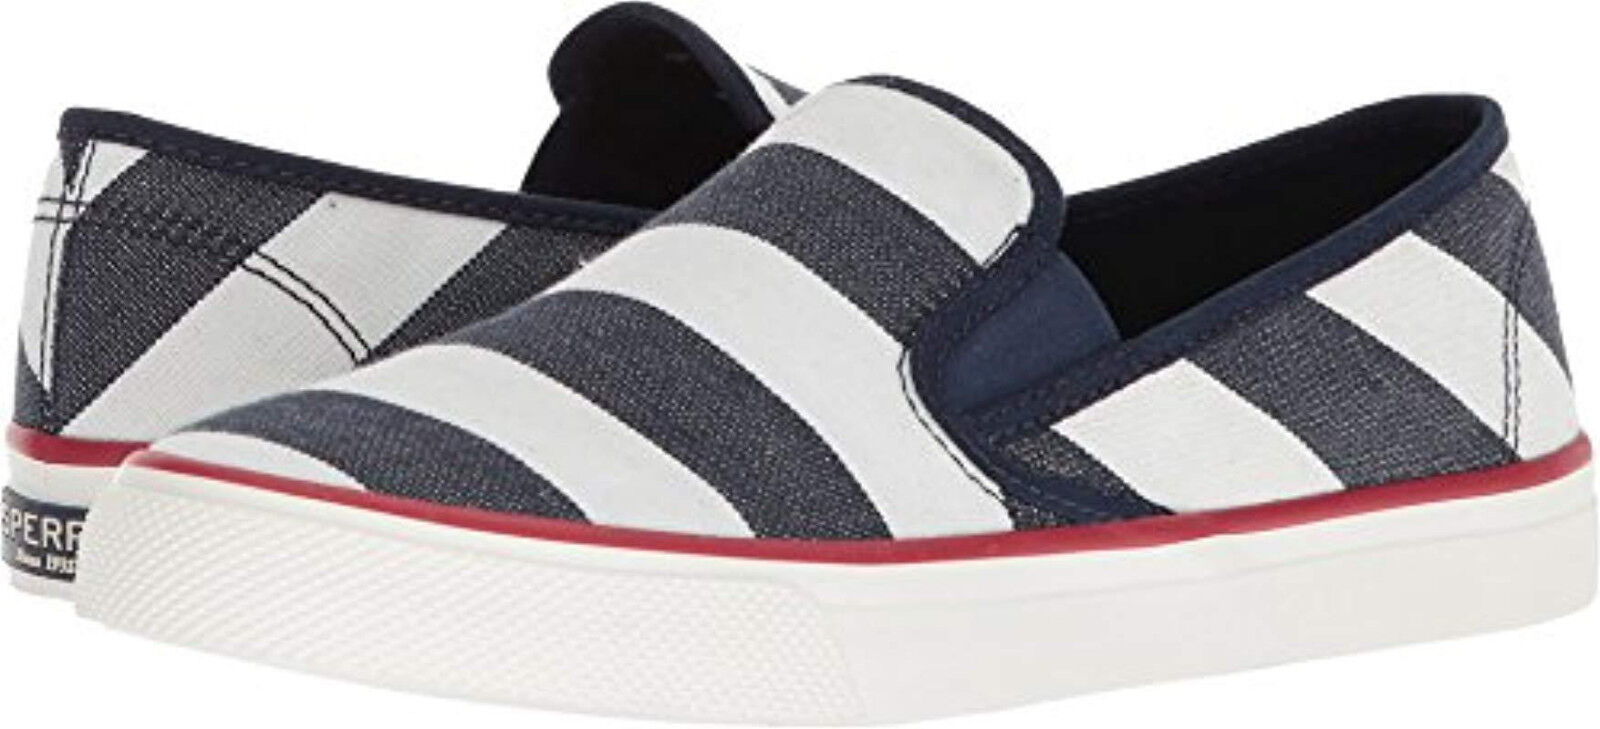 Nuevo En Caja Caja Caja Sperry Top-Sider Zapatos Náuticos costeros Bretón MEM Espuma Azul Marino Para Mujer Talla 6-10  ventas calientes